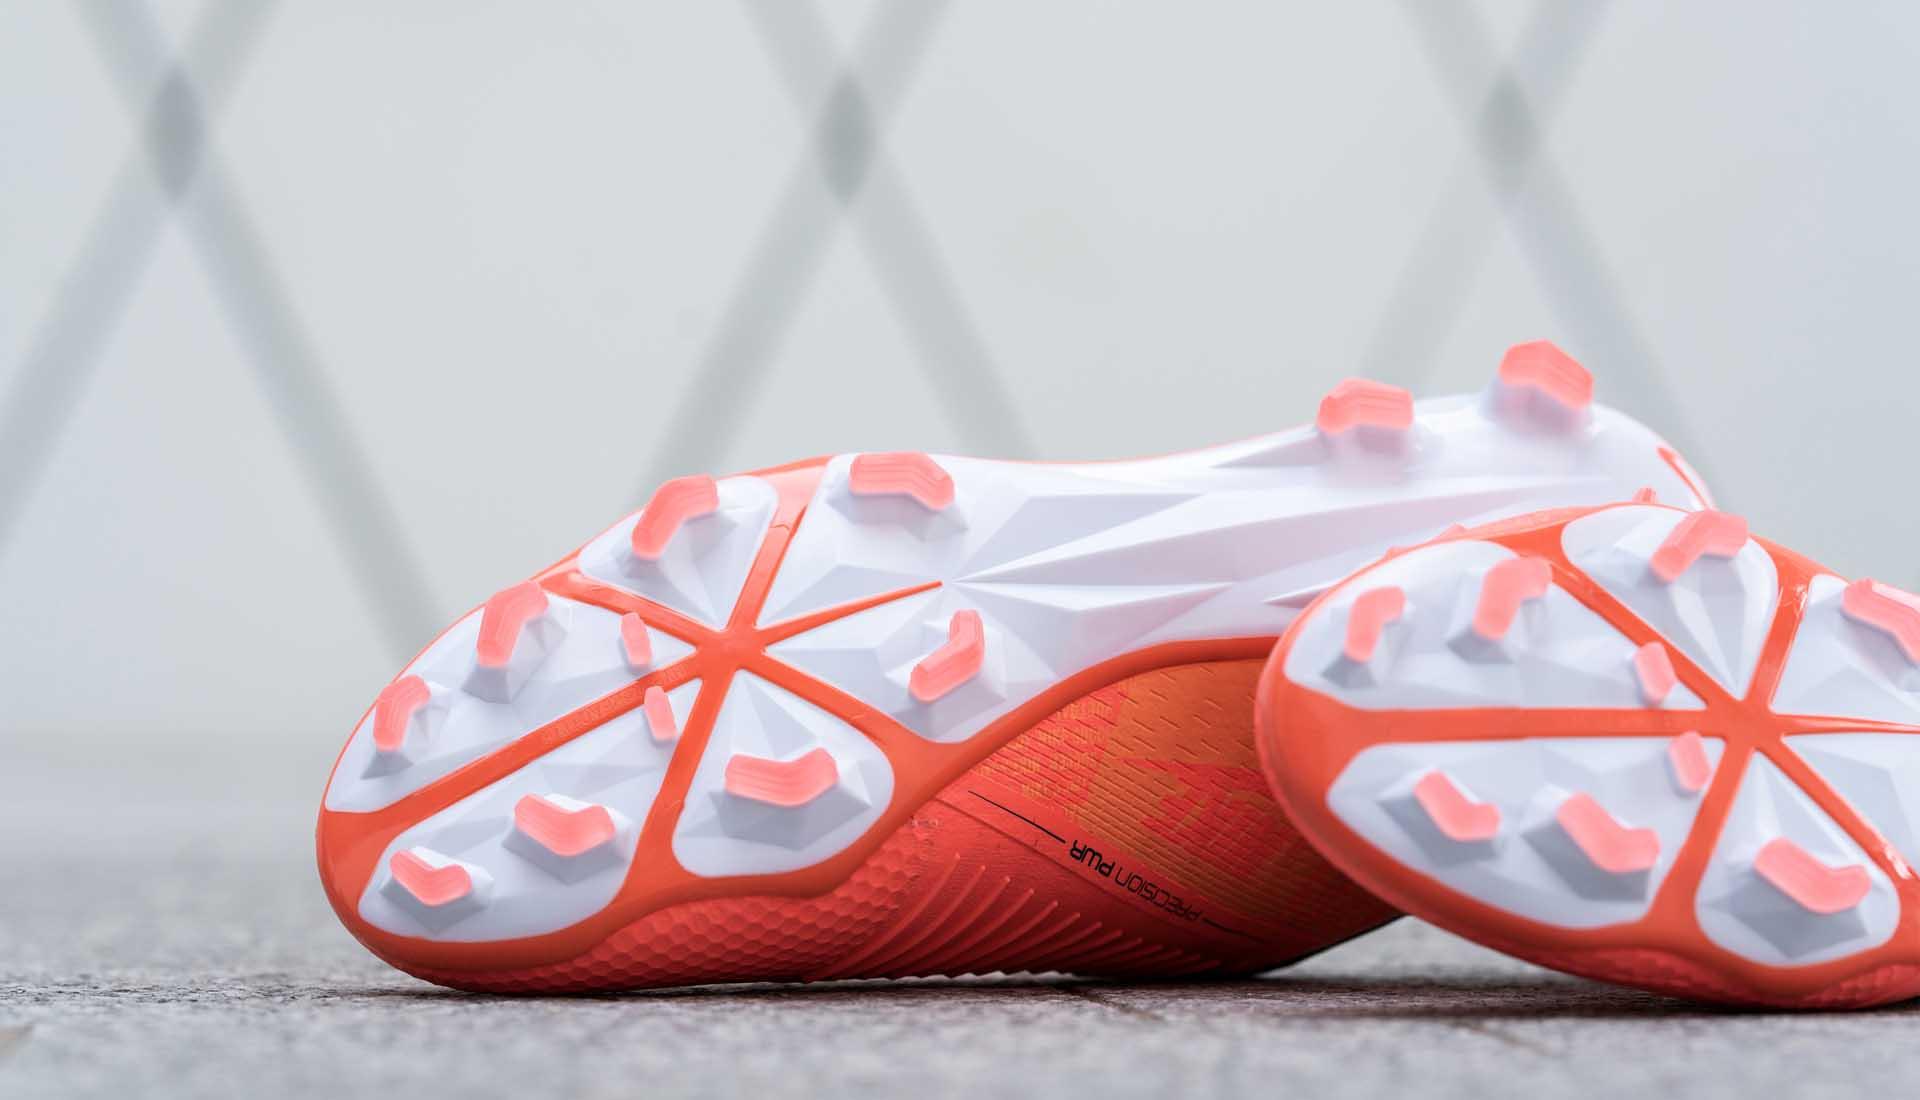 giày đá bóng Nike Phantom VSN Fire